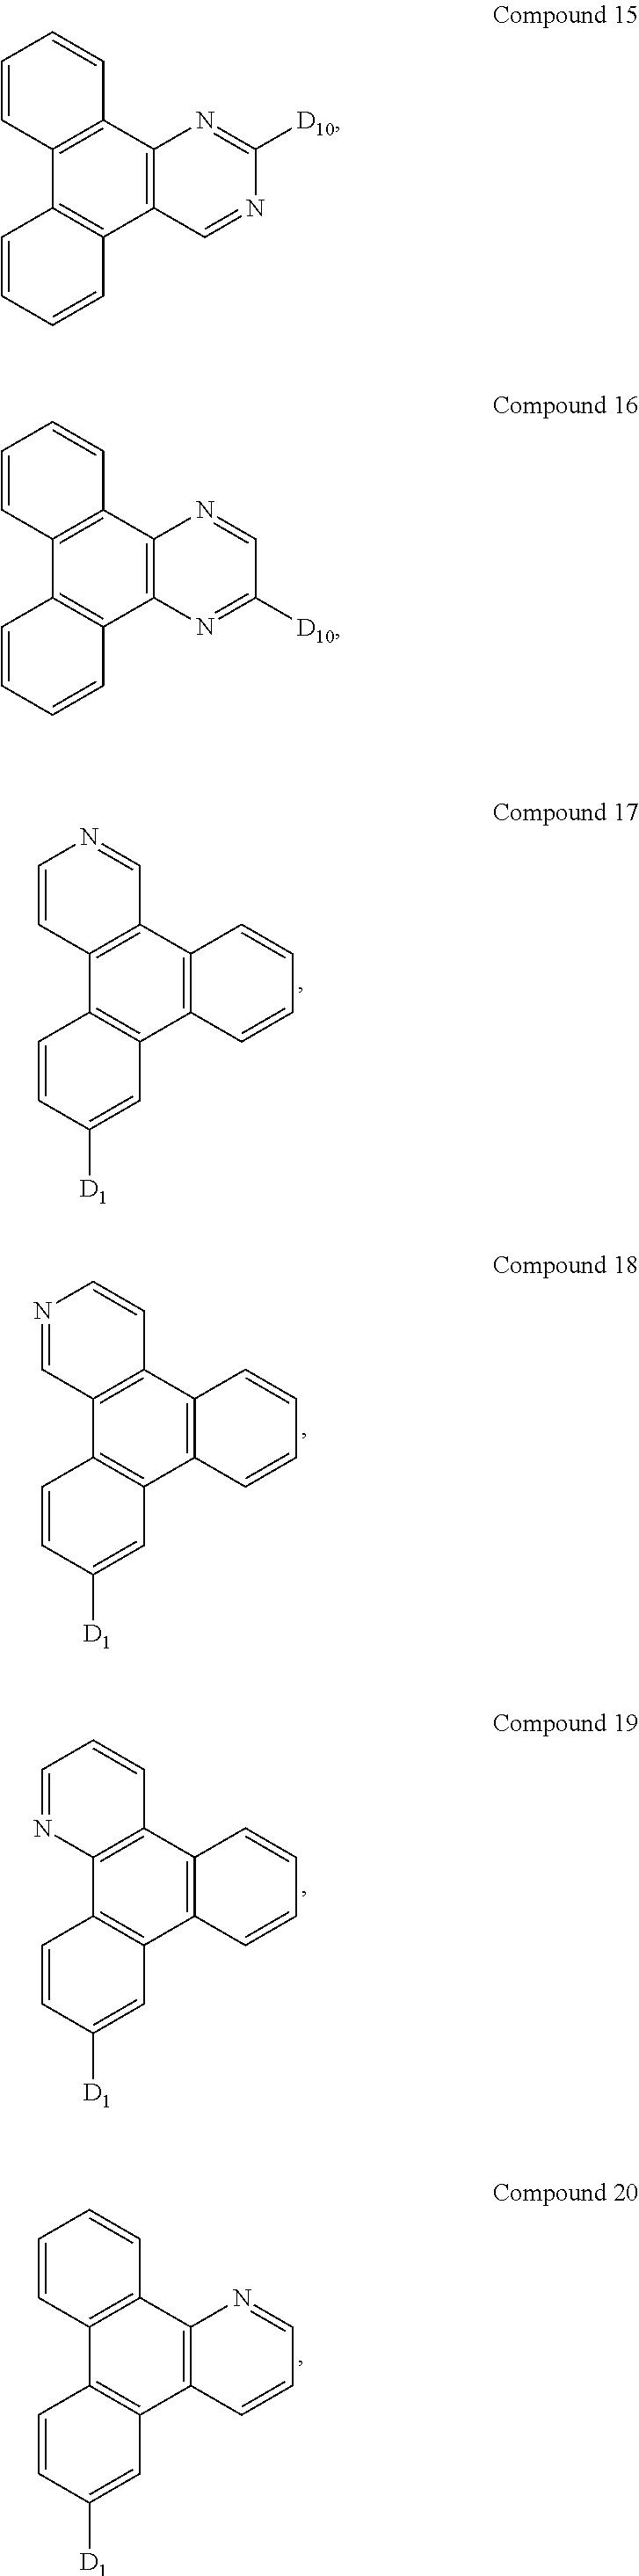 Figure US09537106-20170103-C00590